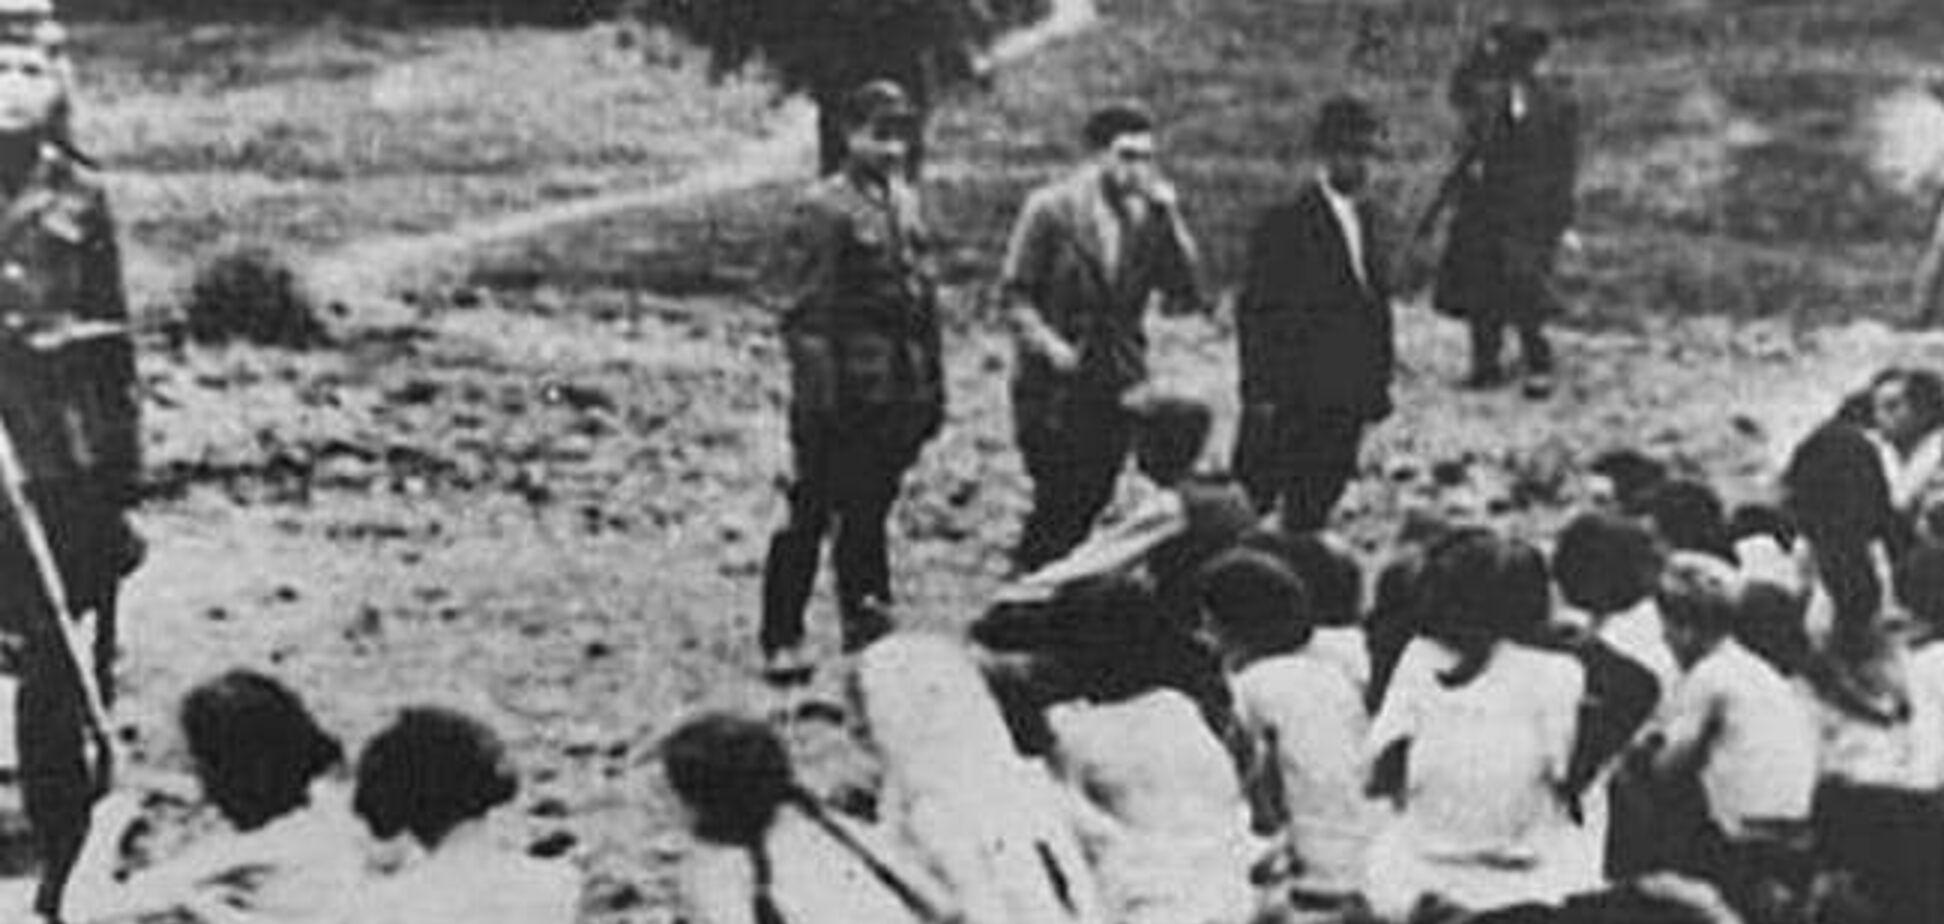 Бабий Яр 1941: Шеренга. Выстрелы. Смерть